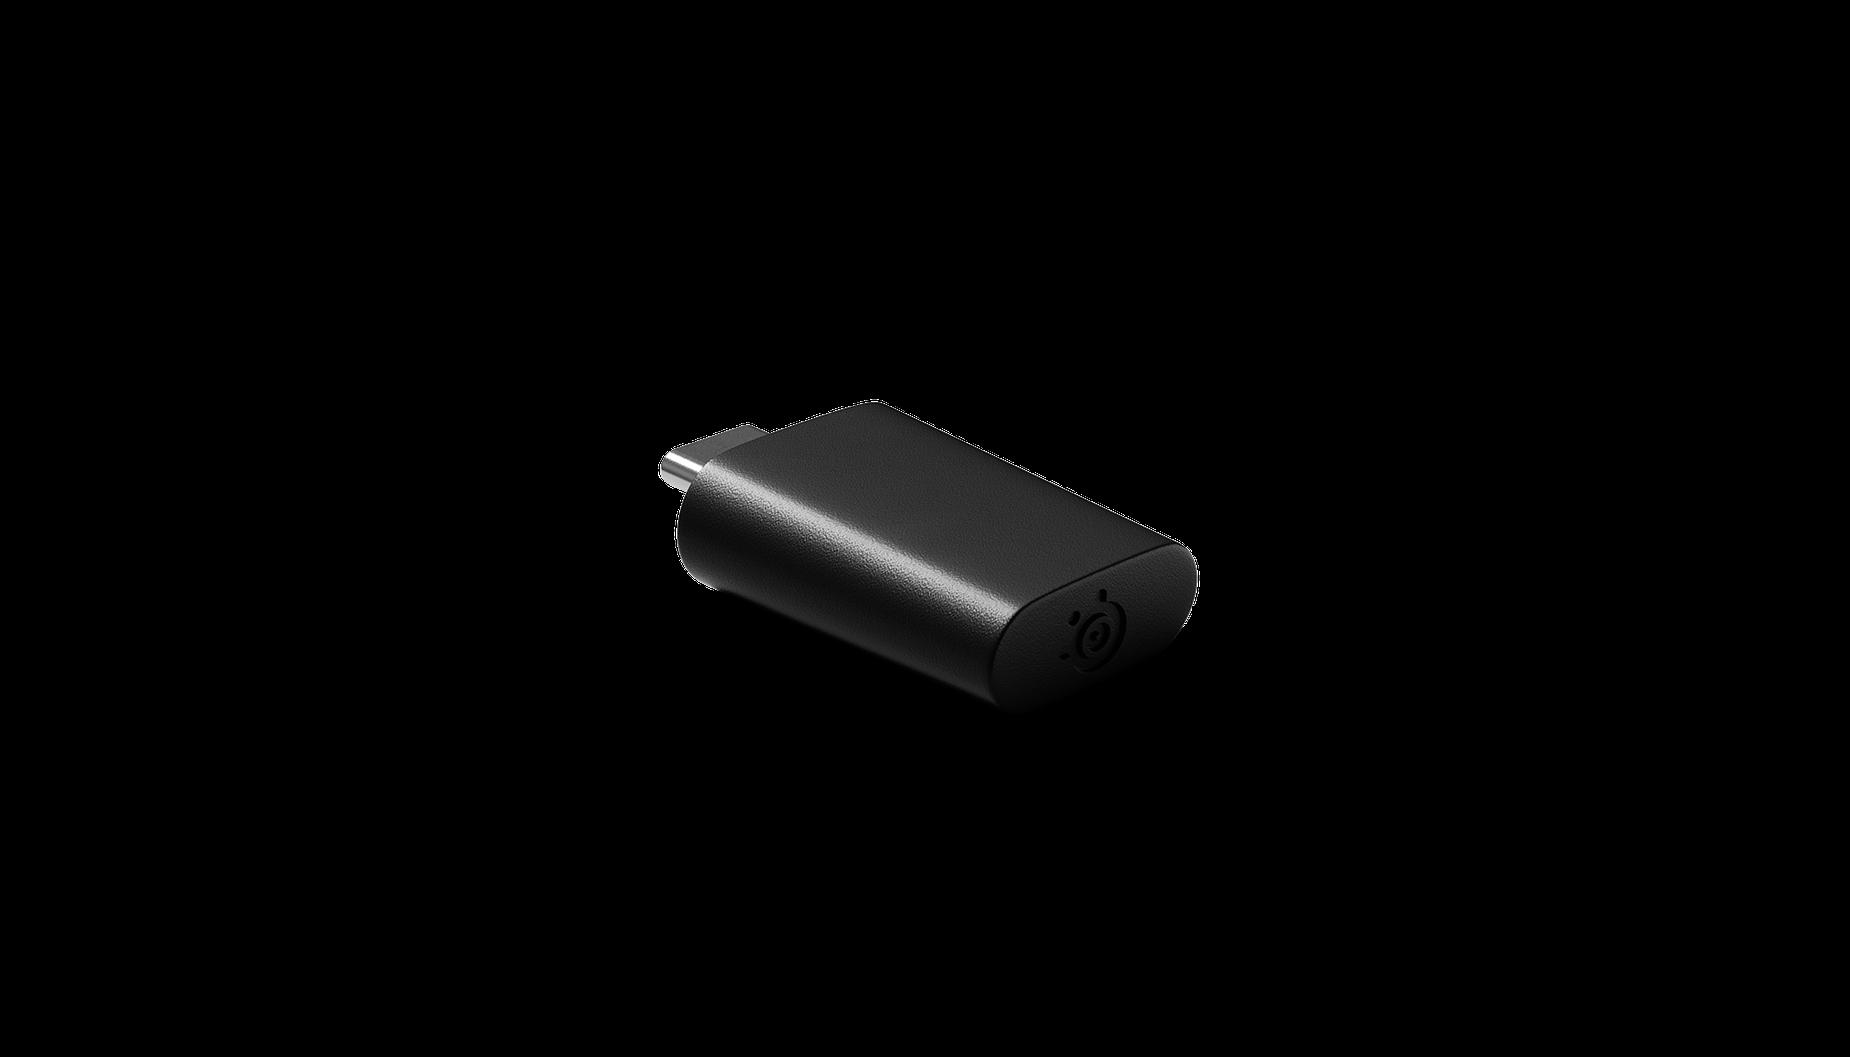 Seitenansicht des kabellosen Prime-USB-C-Dongles.